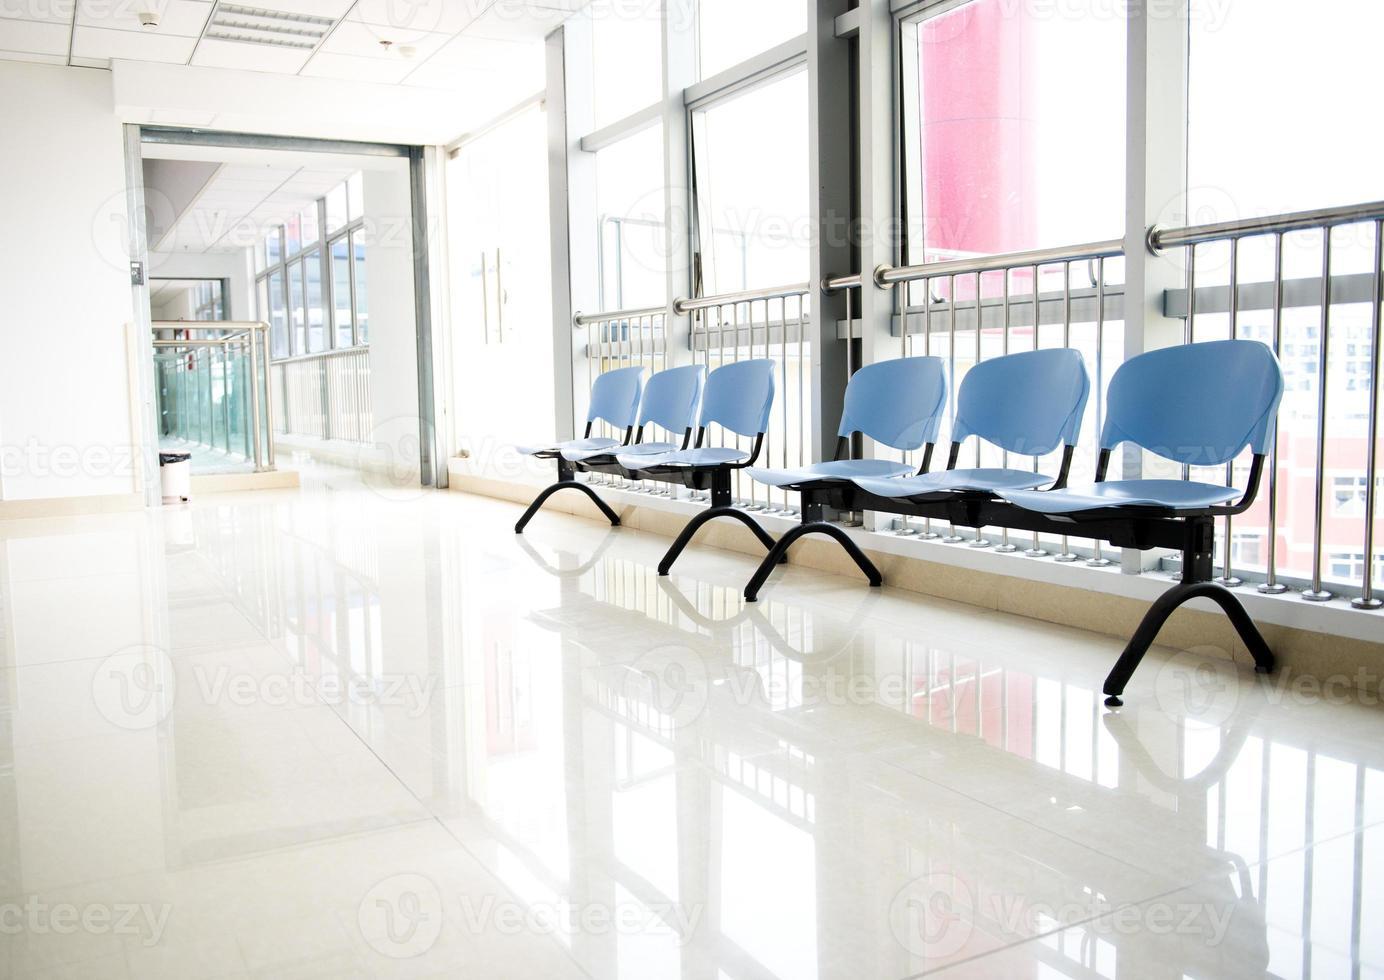 intérieur de l'hôpital photo